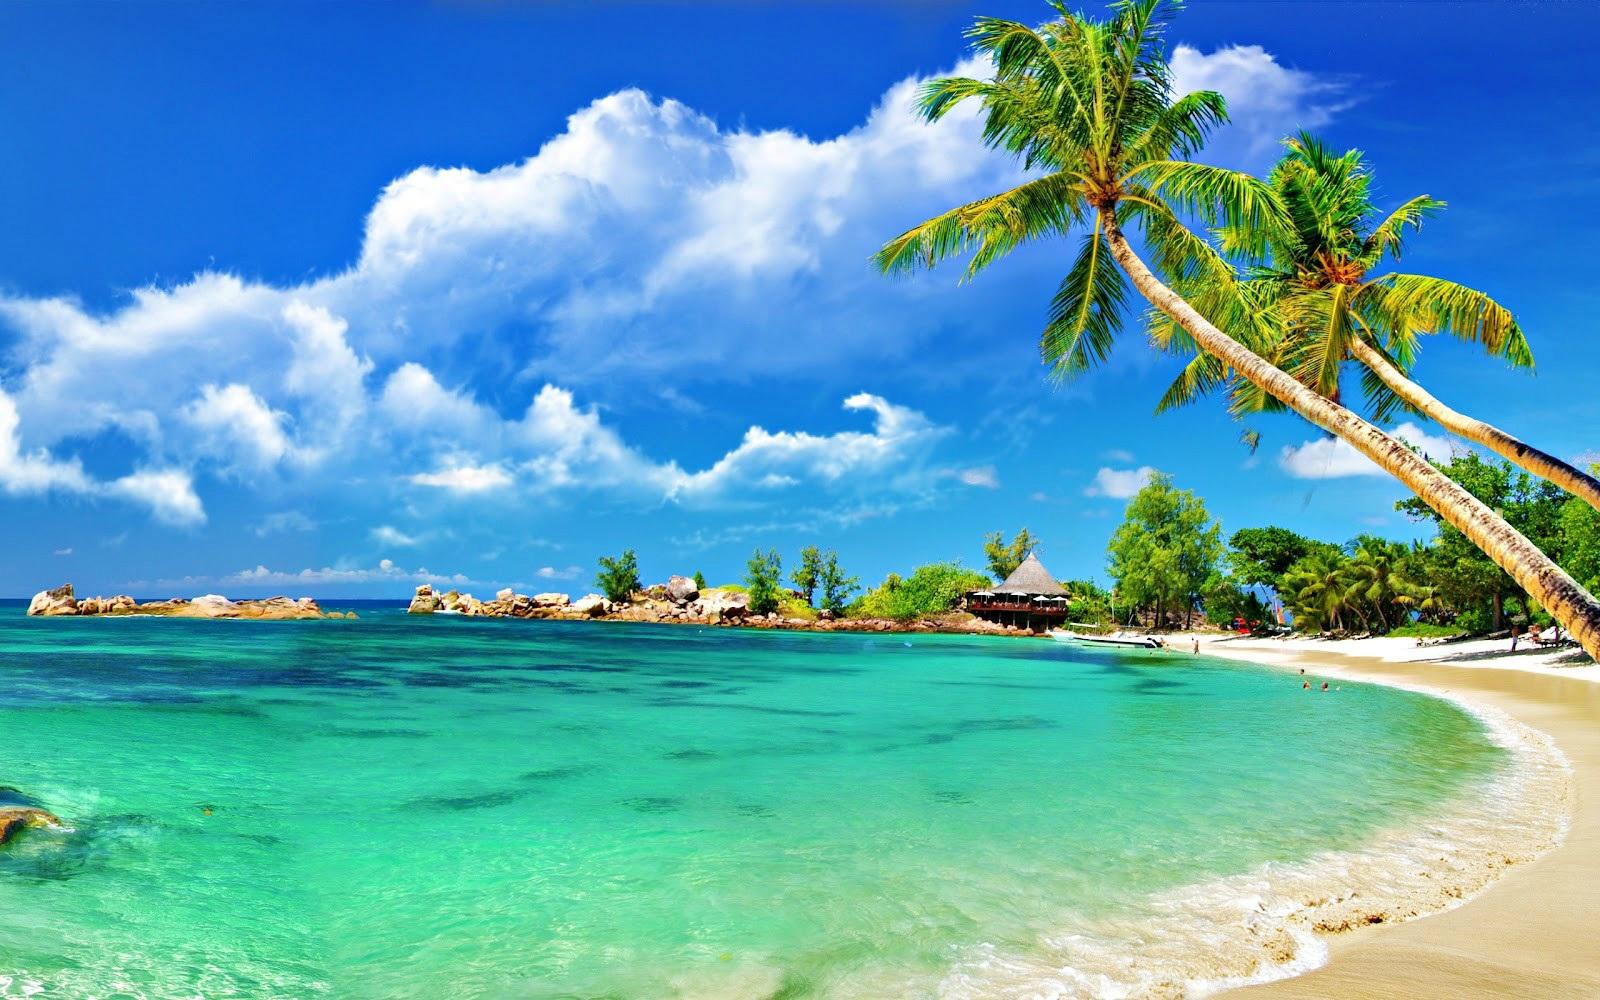 Biển luôn là sự lựa chọn lý tưởng của du khách trong những ngày hè.